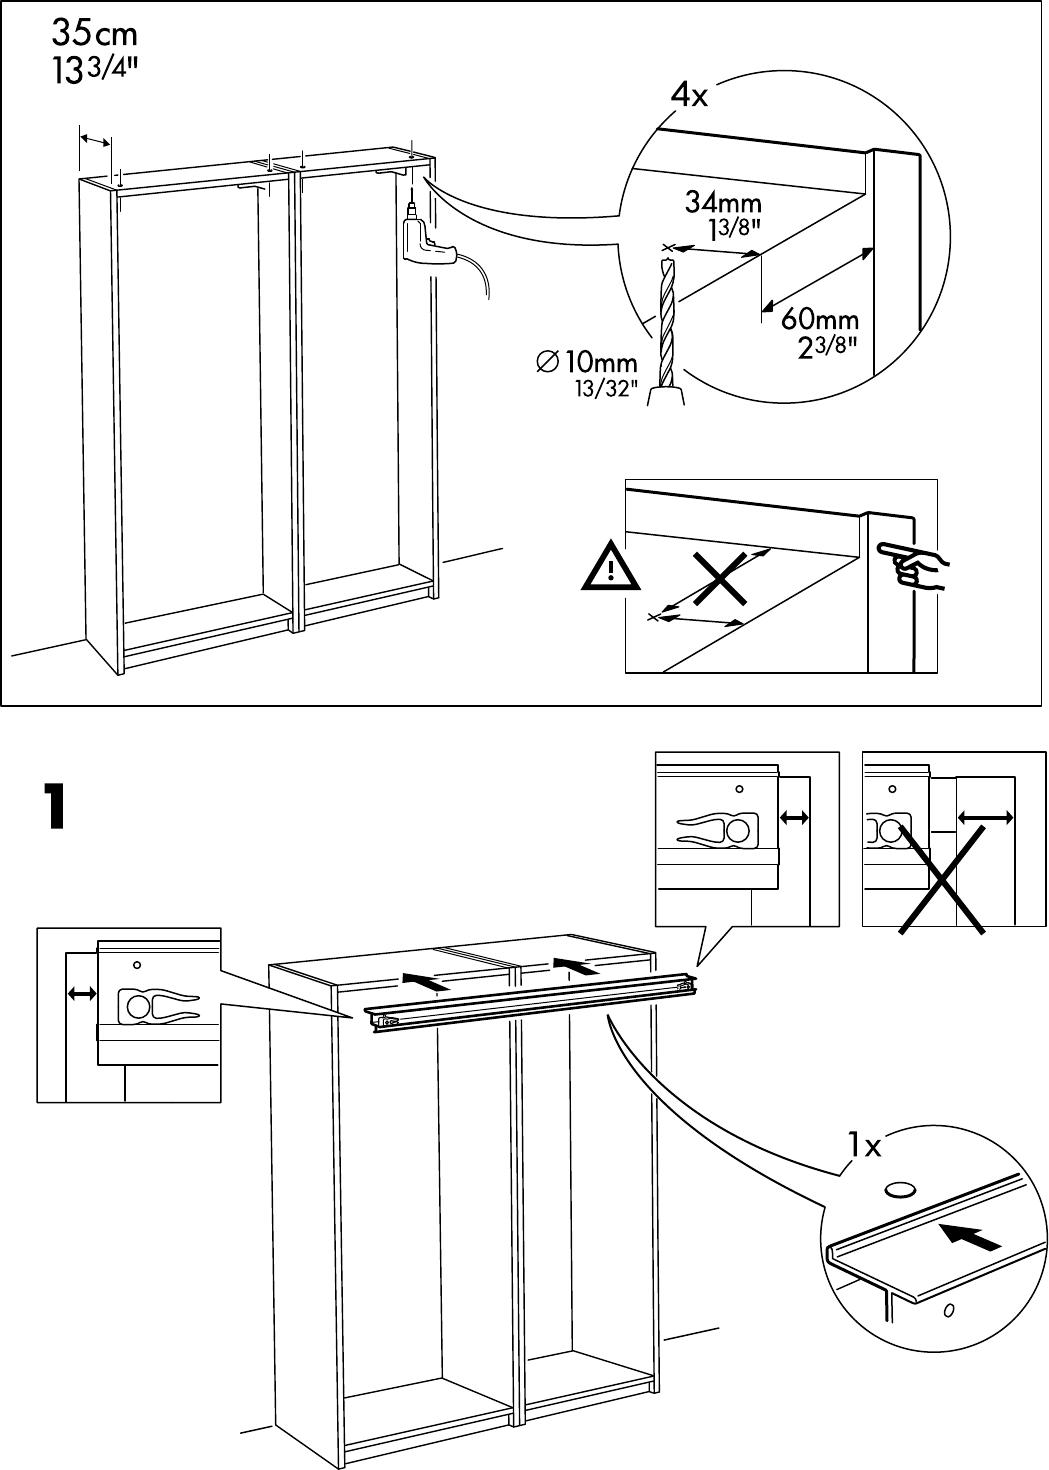 Ikea Pax Schrank Schiebetüren Einbauen